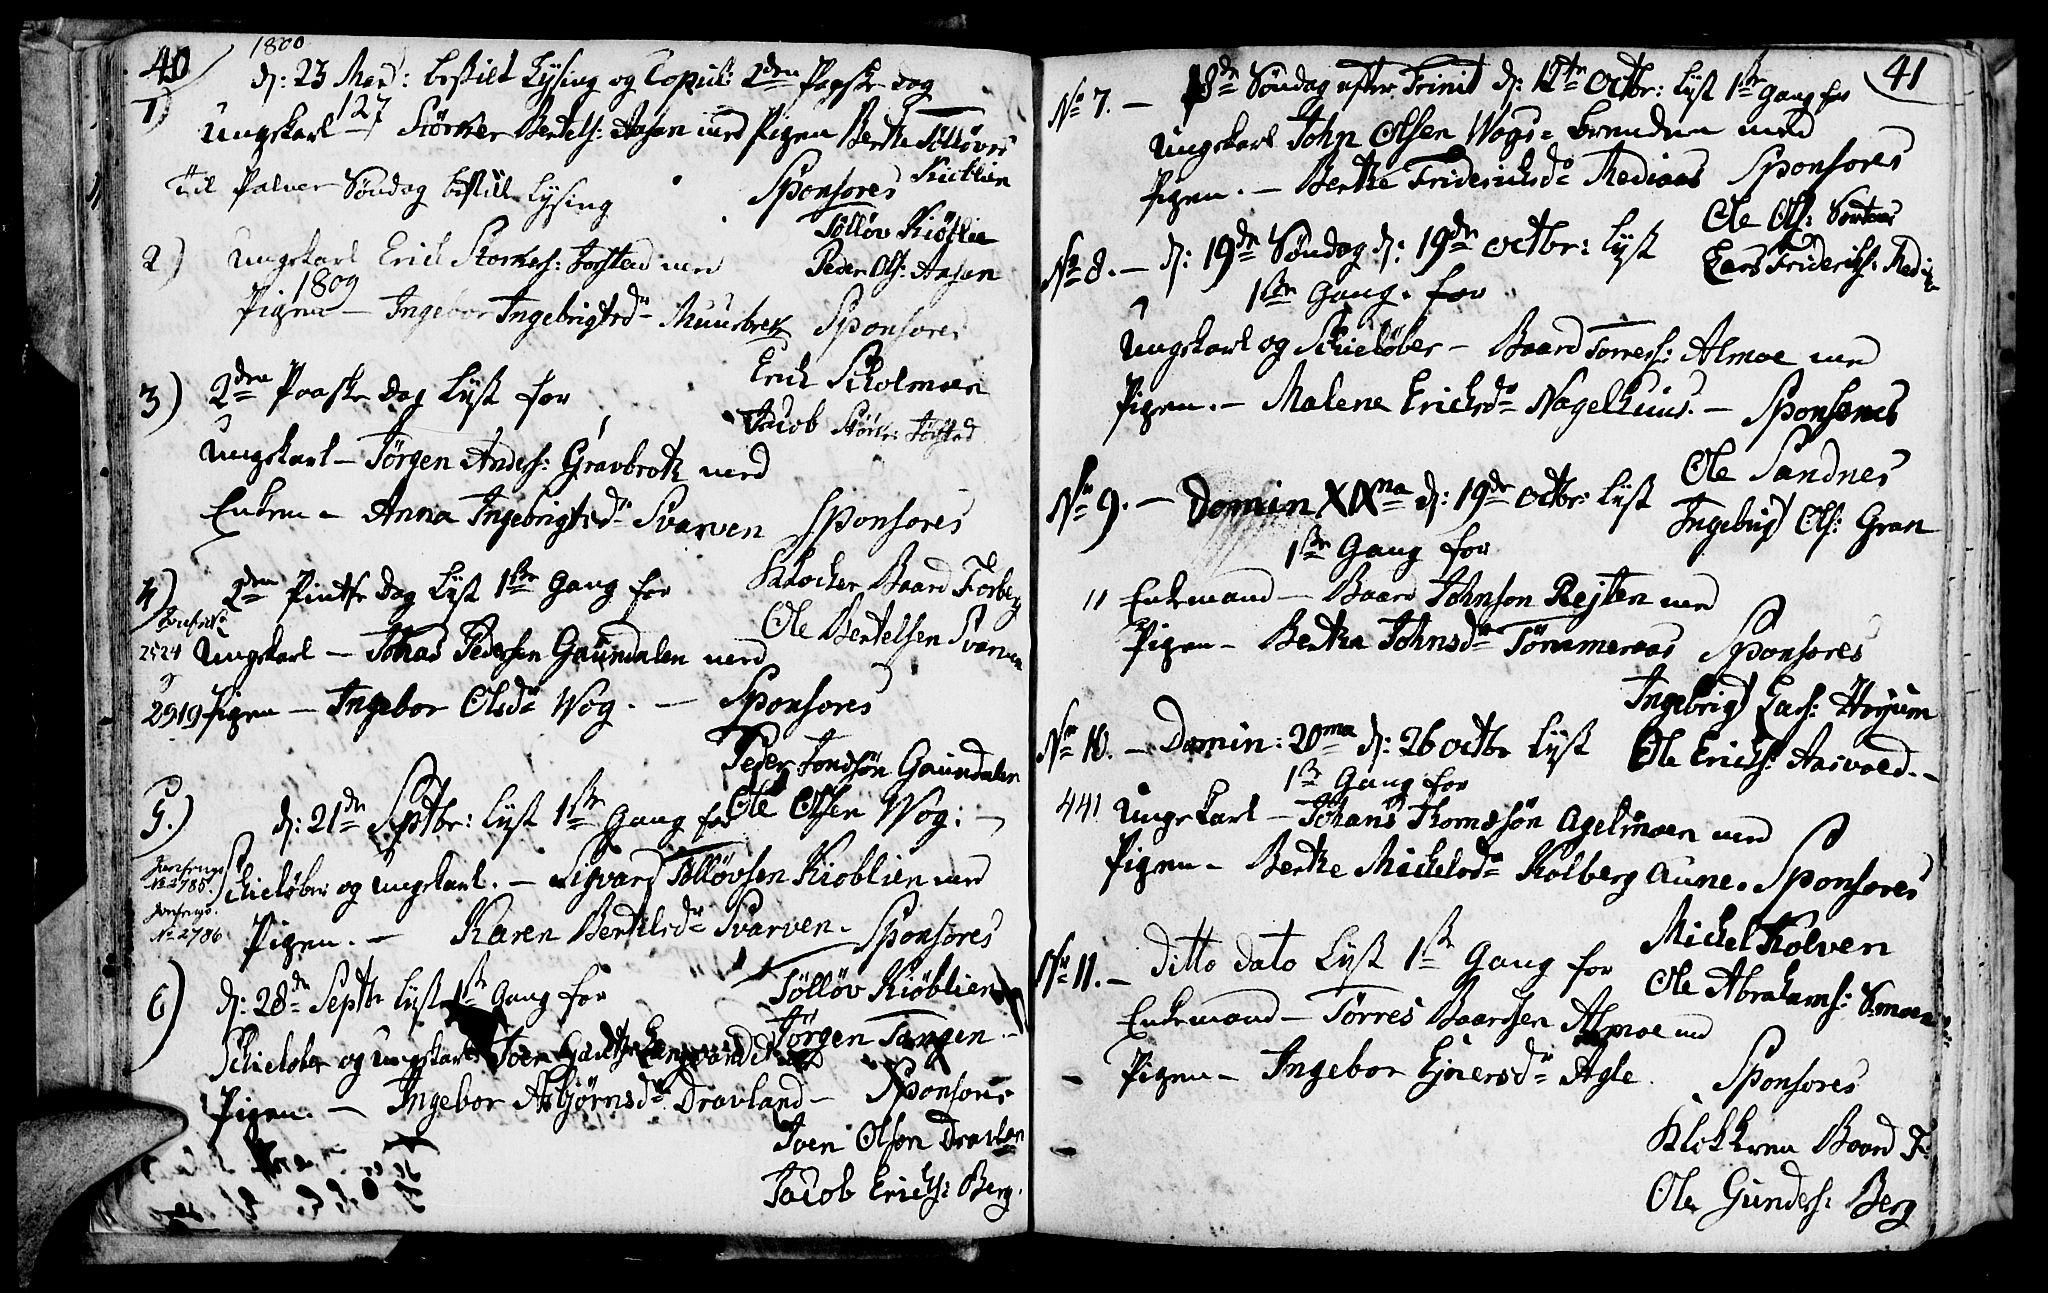 SAT, Ministerialprotokoller, klokkerbøker og fødselsregistre - Nord-Trøndelag, 749/L0468: Ministerialbok nr. 749A02, 1787-1817, s. 40-41